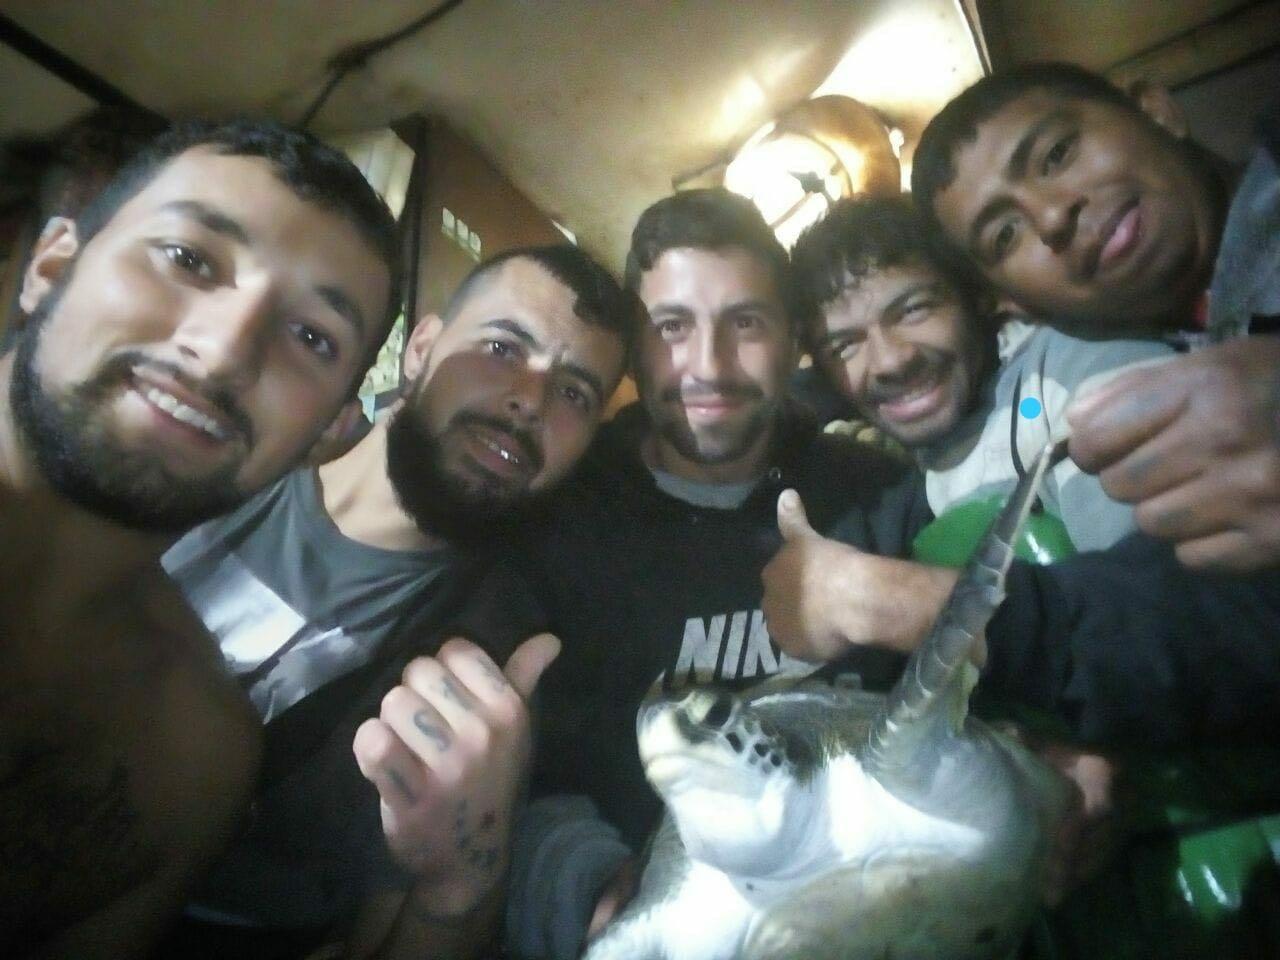 Los tripulantes del Rigel, Amadeo, Navarrete, Osorio y Mieres junto a Segovia.